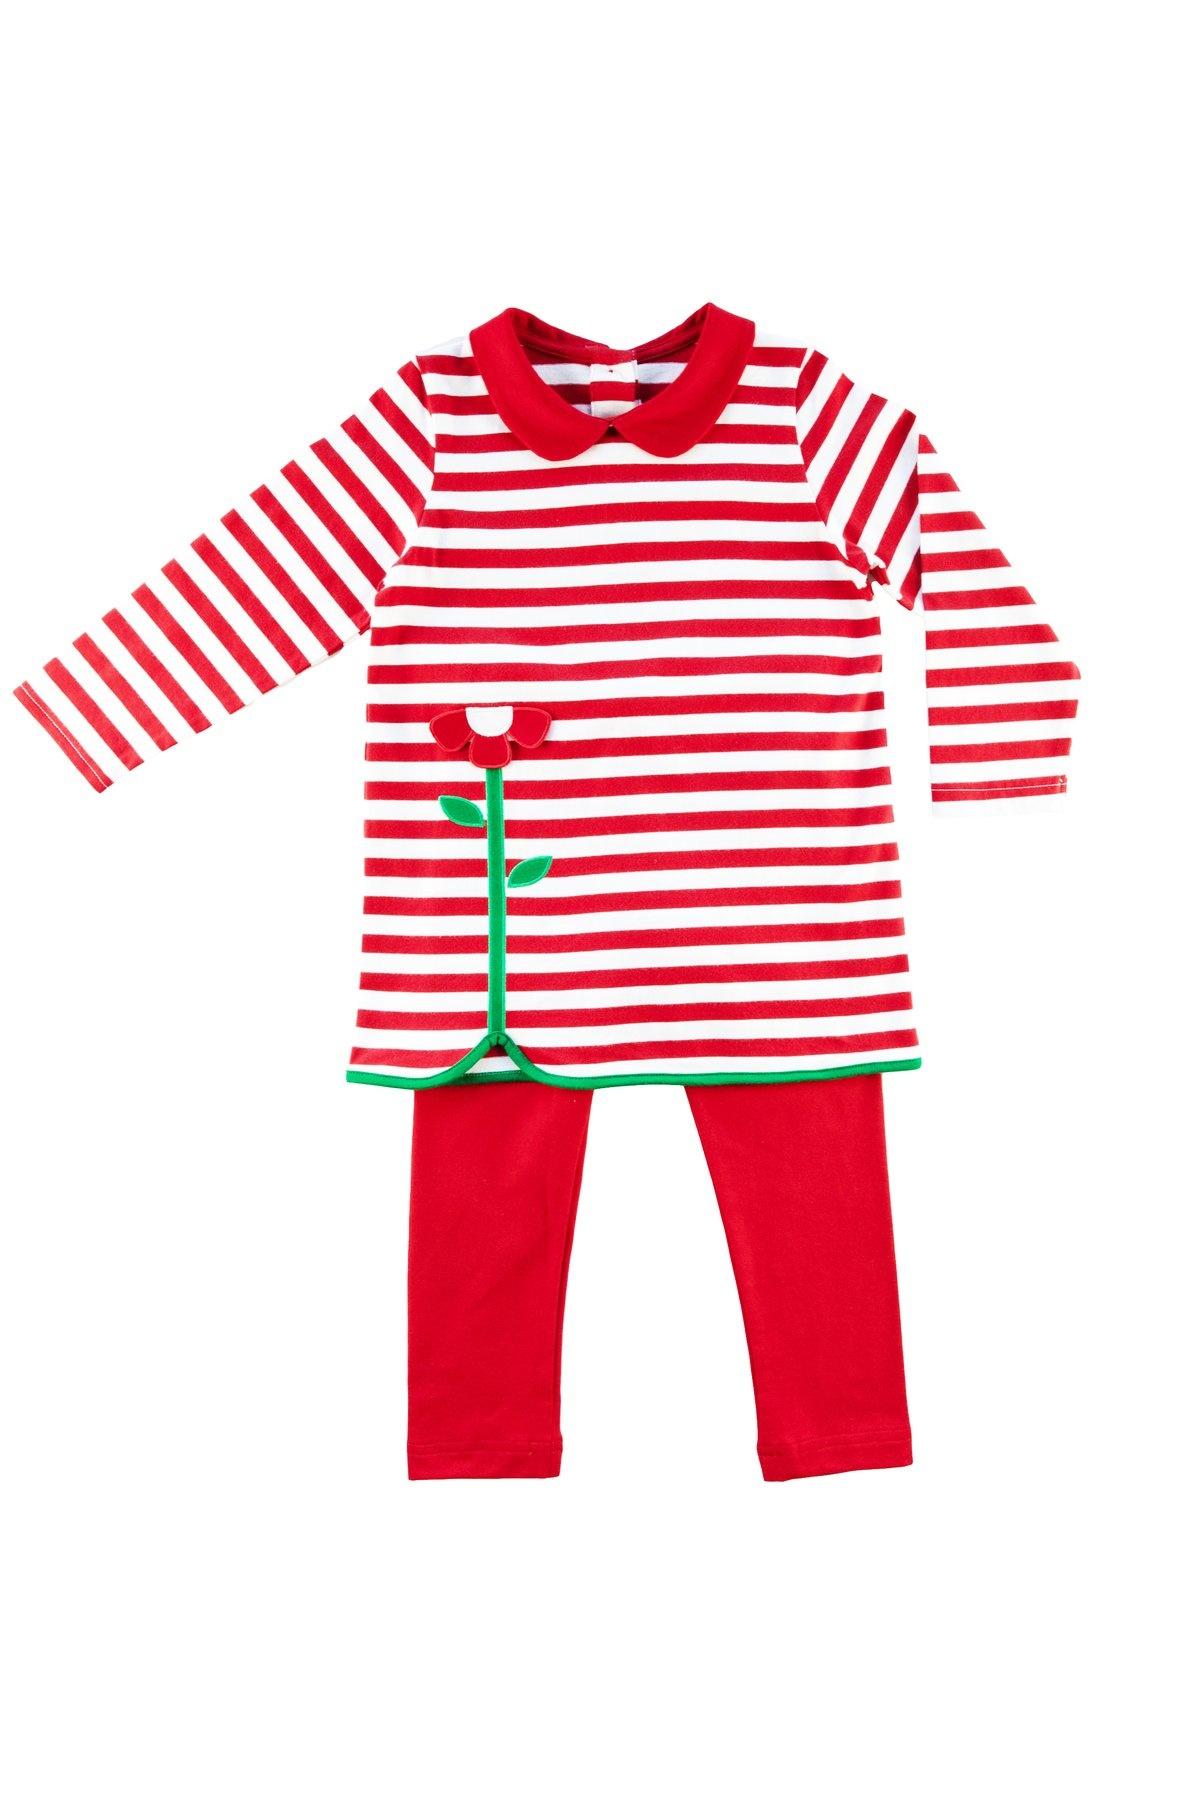 Florence Eiseman Red Stripe Tunic Set